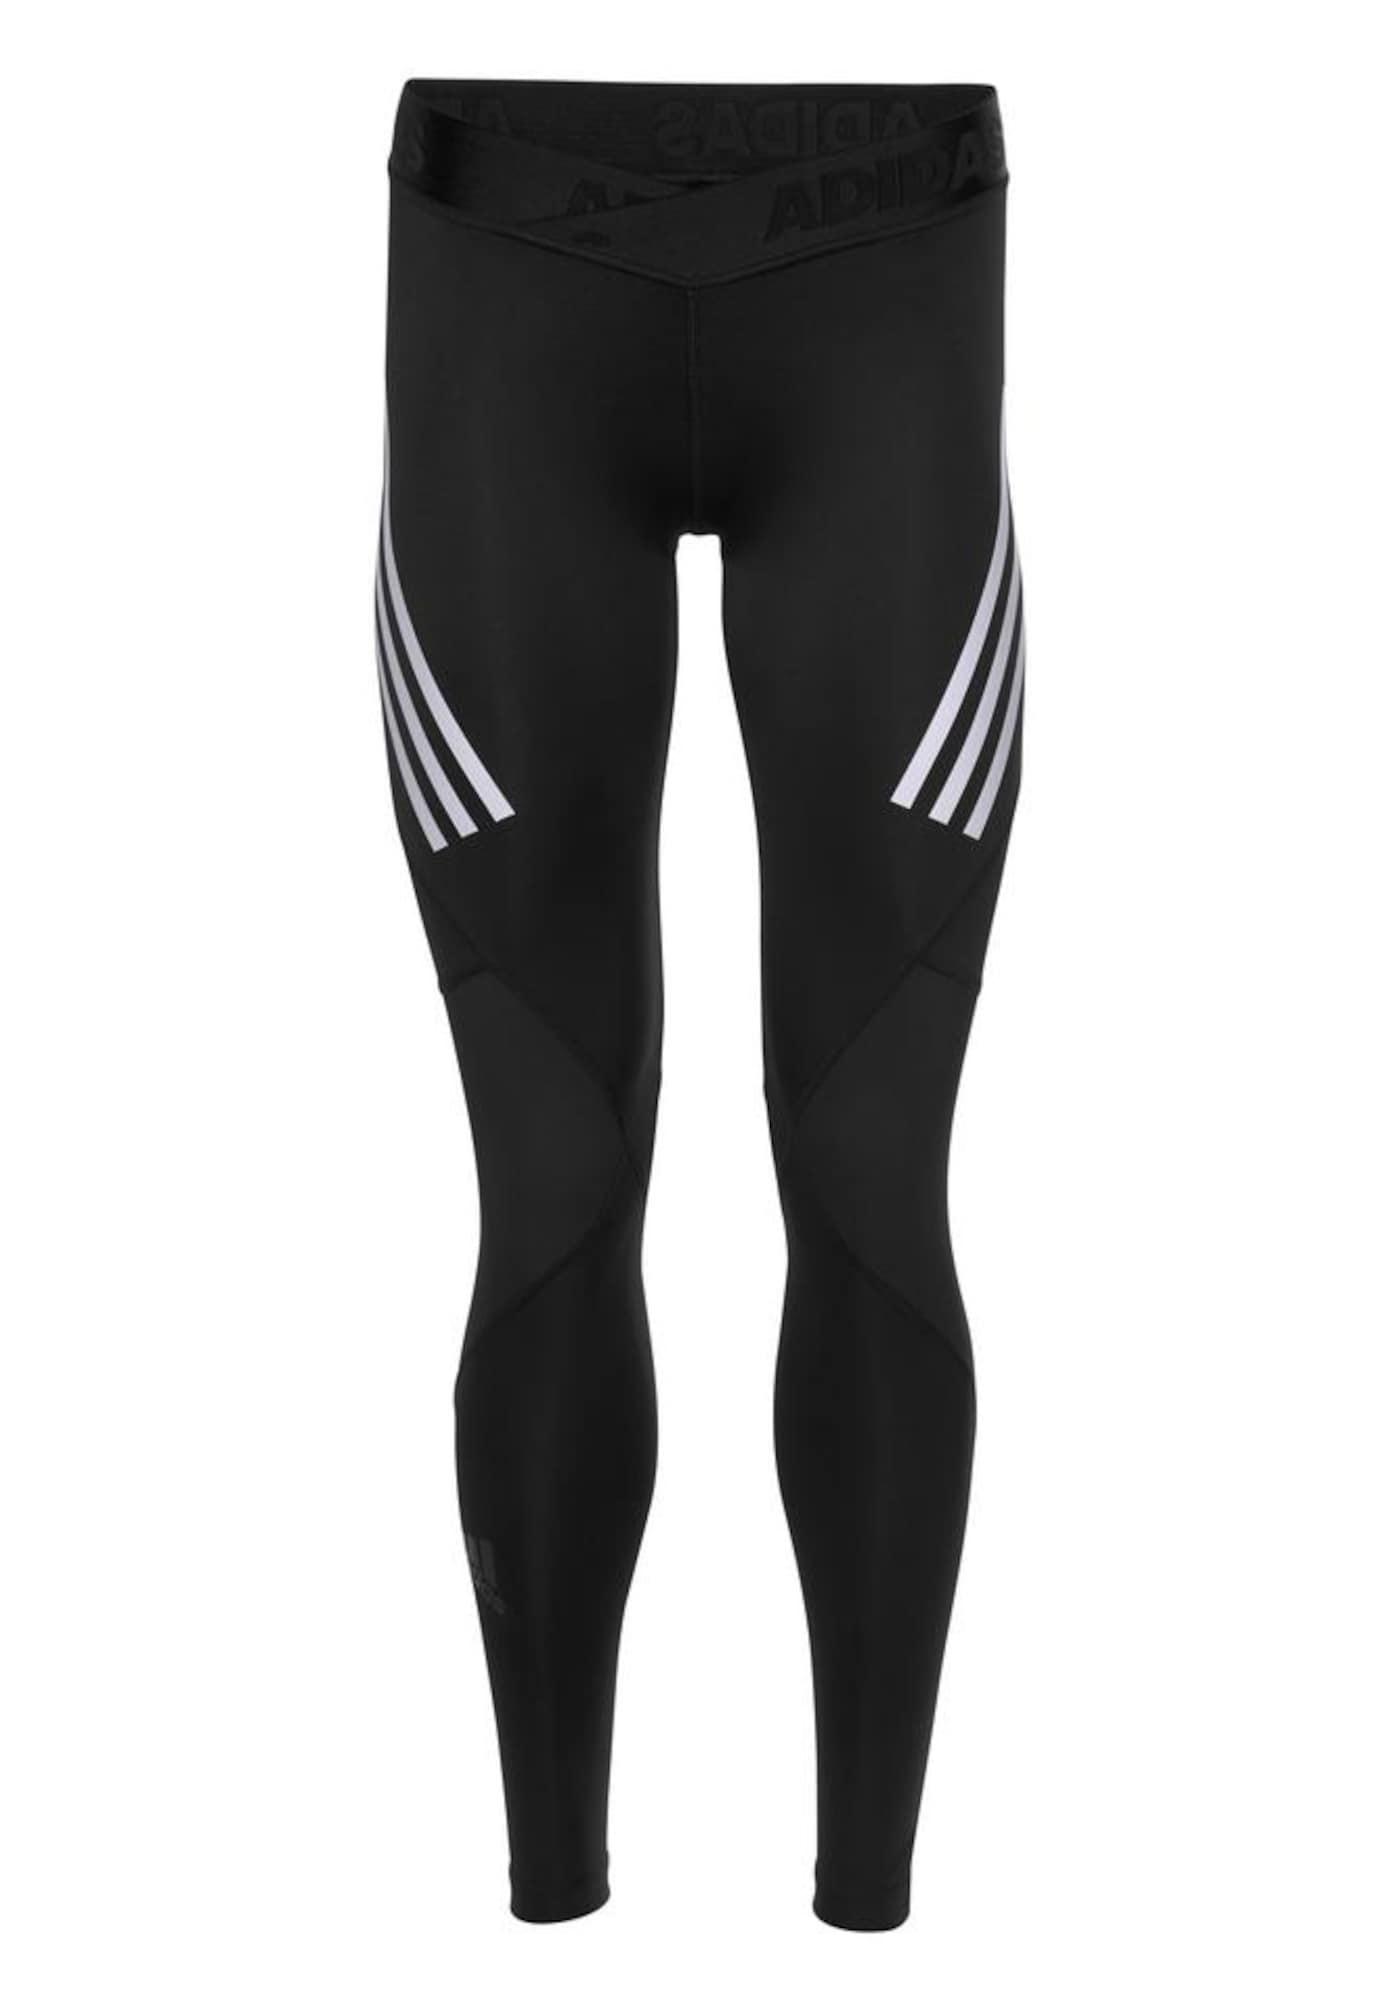 Sportovní kalhoty Alphaskin černá bílá ADIDAS PERFORMANCE